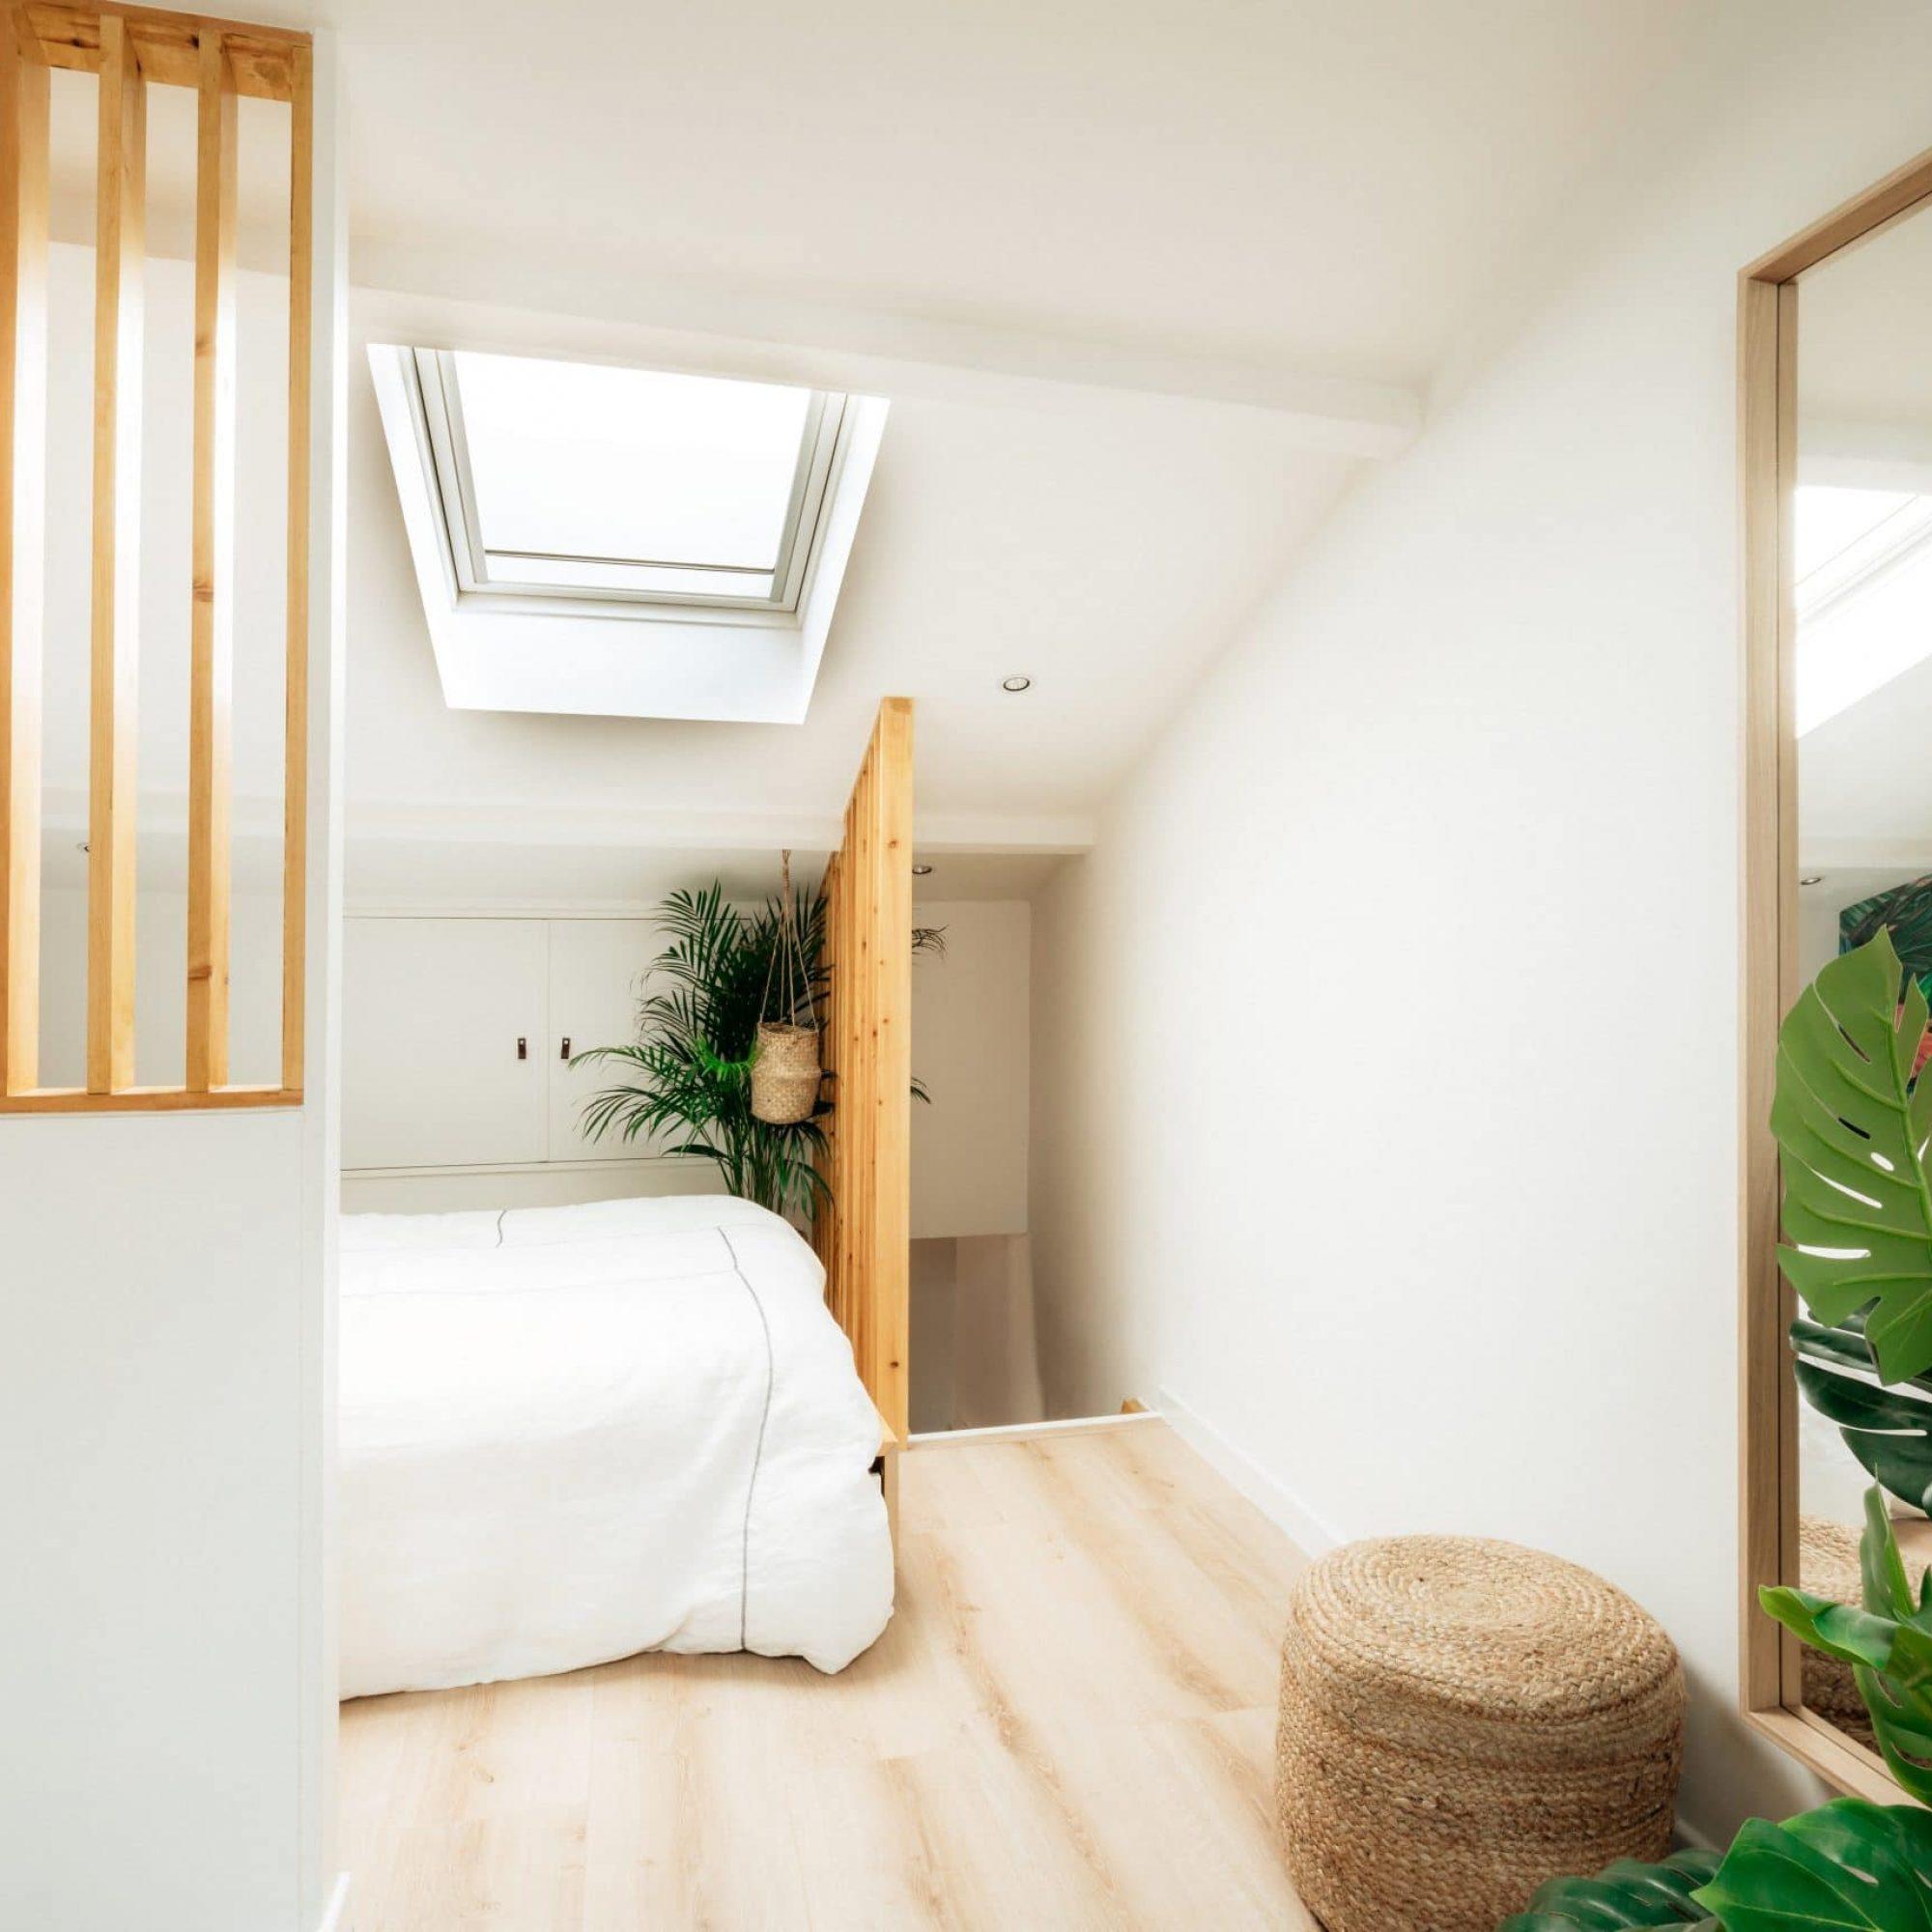 sousletoit-renovation-jeremydugas-architecte-interieur-decoration-travaux-aménagement-montpellier-herault-papier-peint-jungle-wood-chenemassif